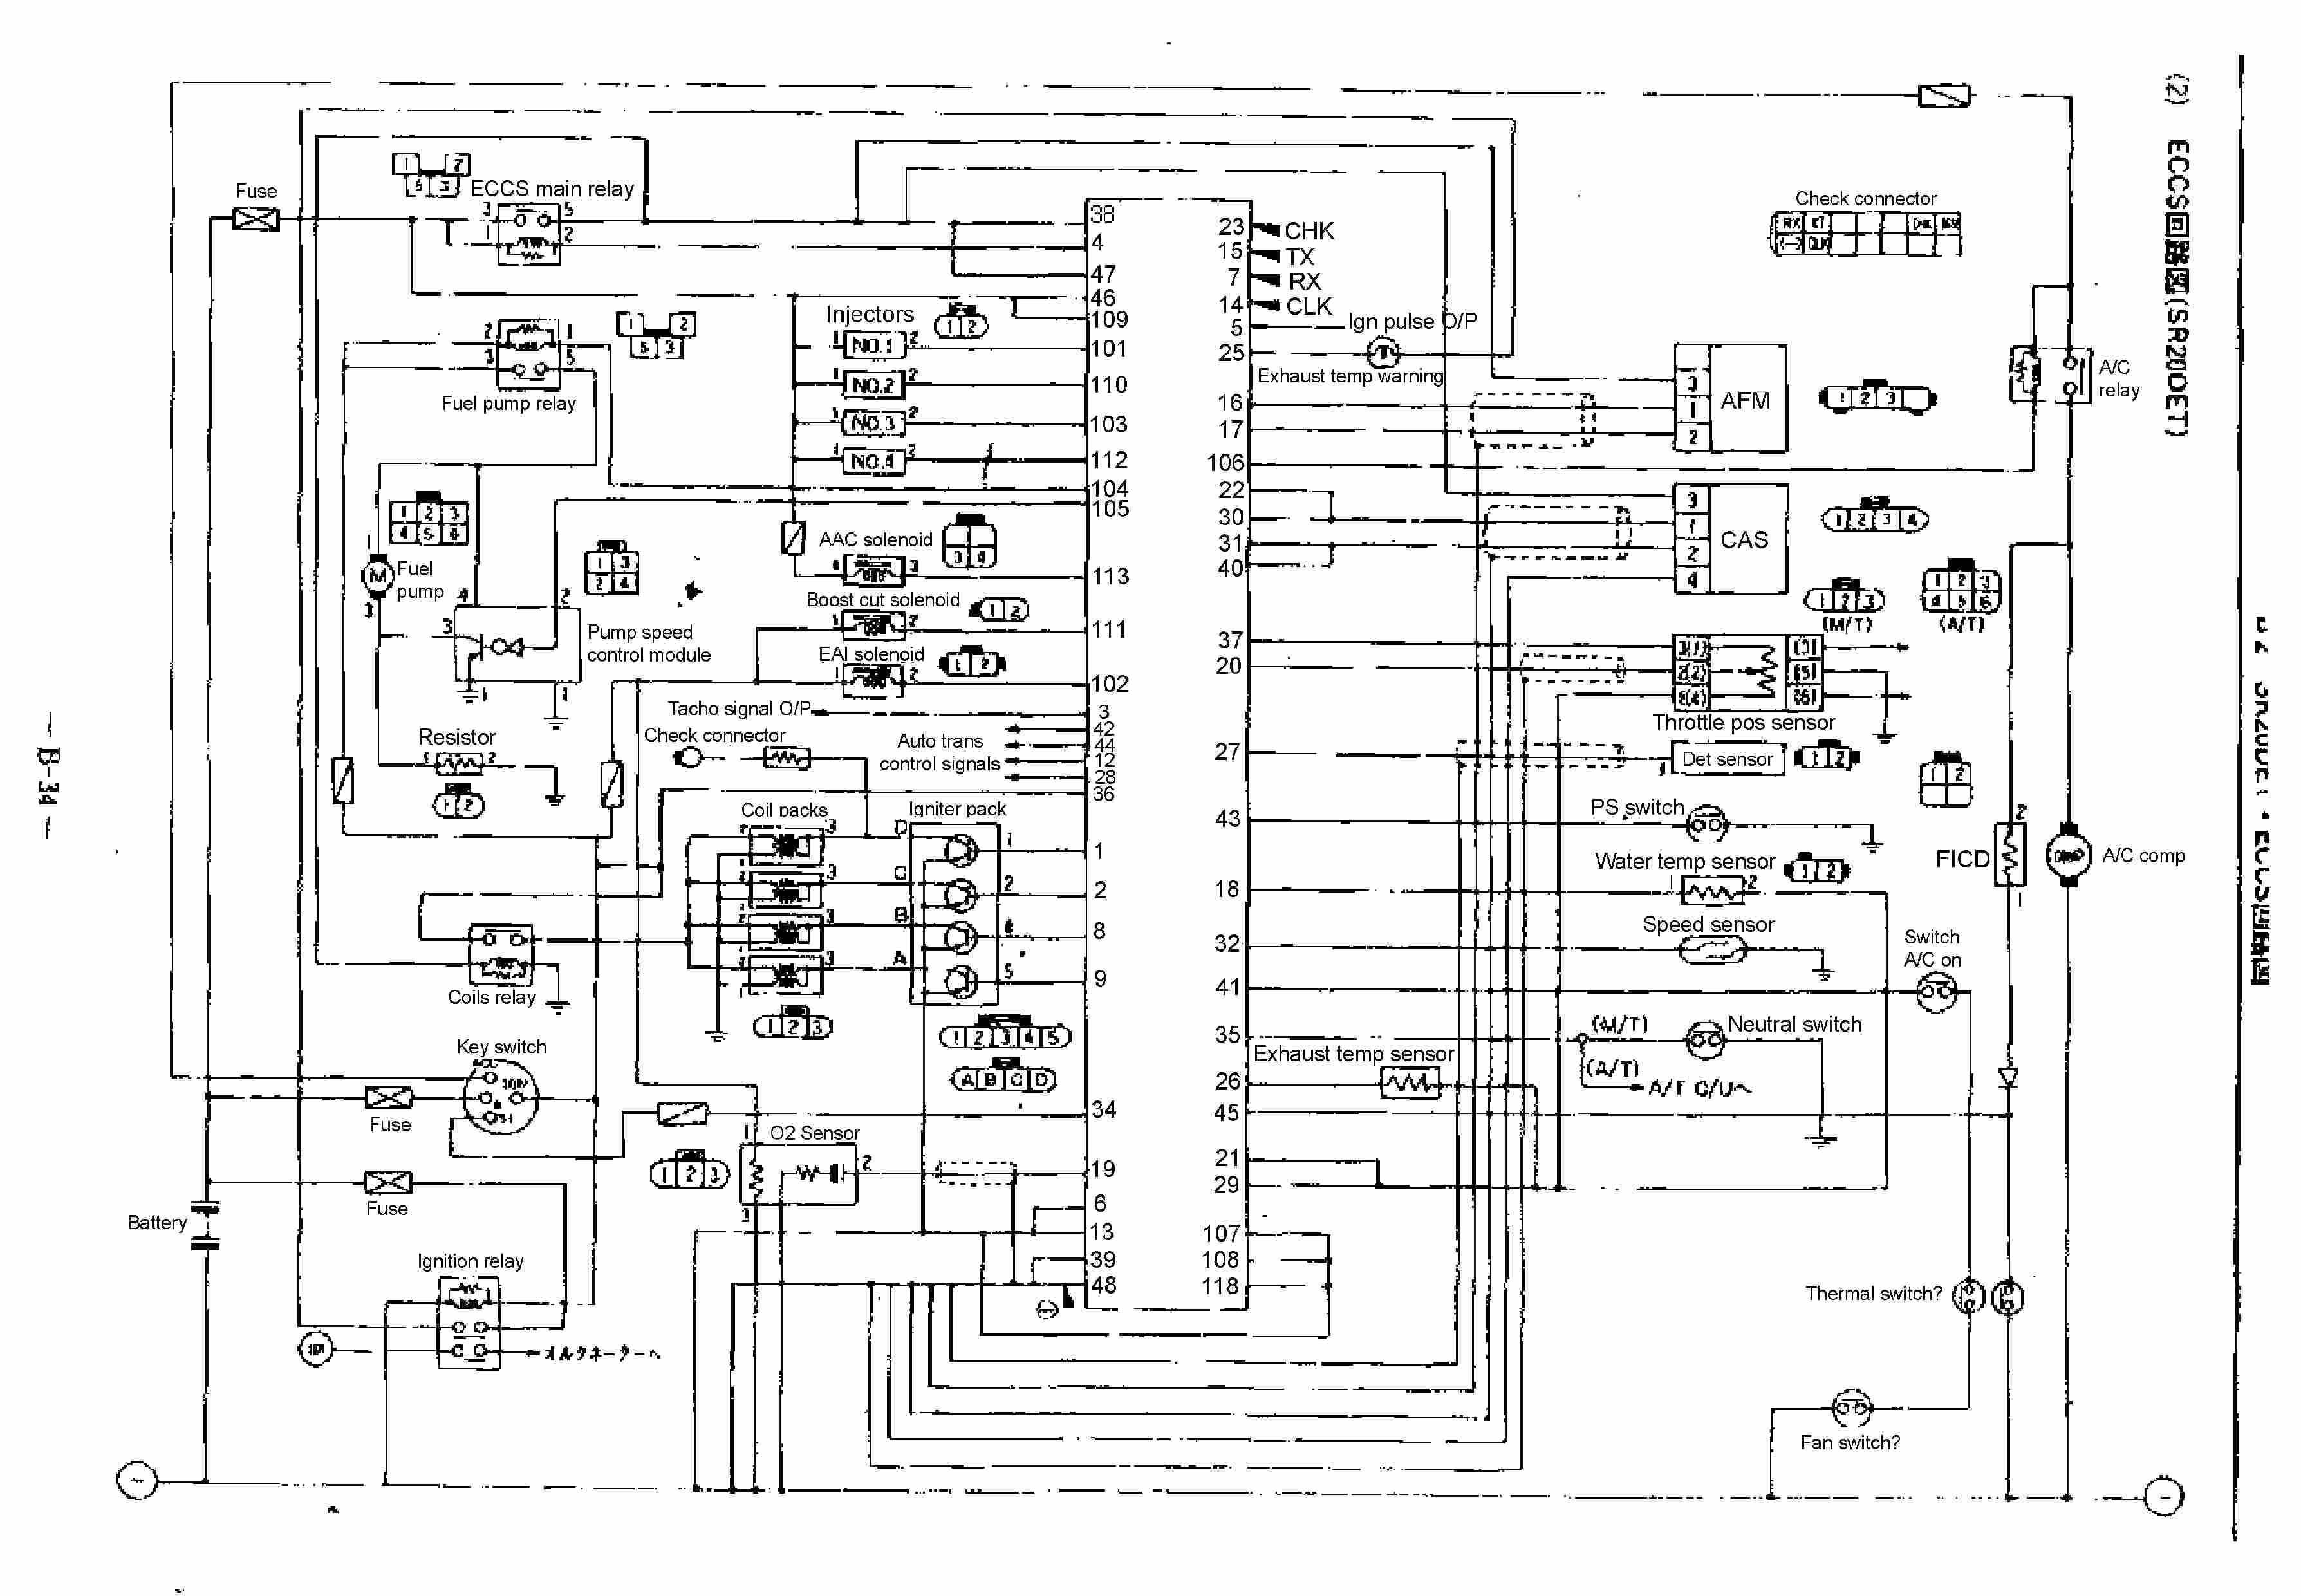 sr20det engine diagram nissan sr20det engine wiring diagram nissan wiring harness diagram nissan sr20det wiring diagram #19